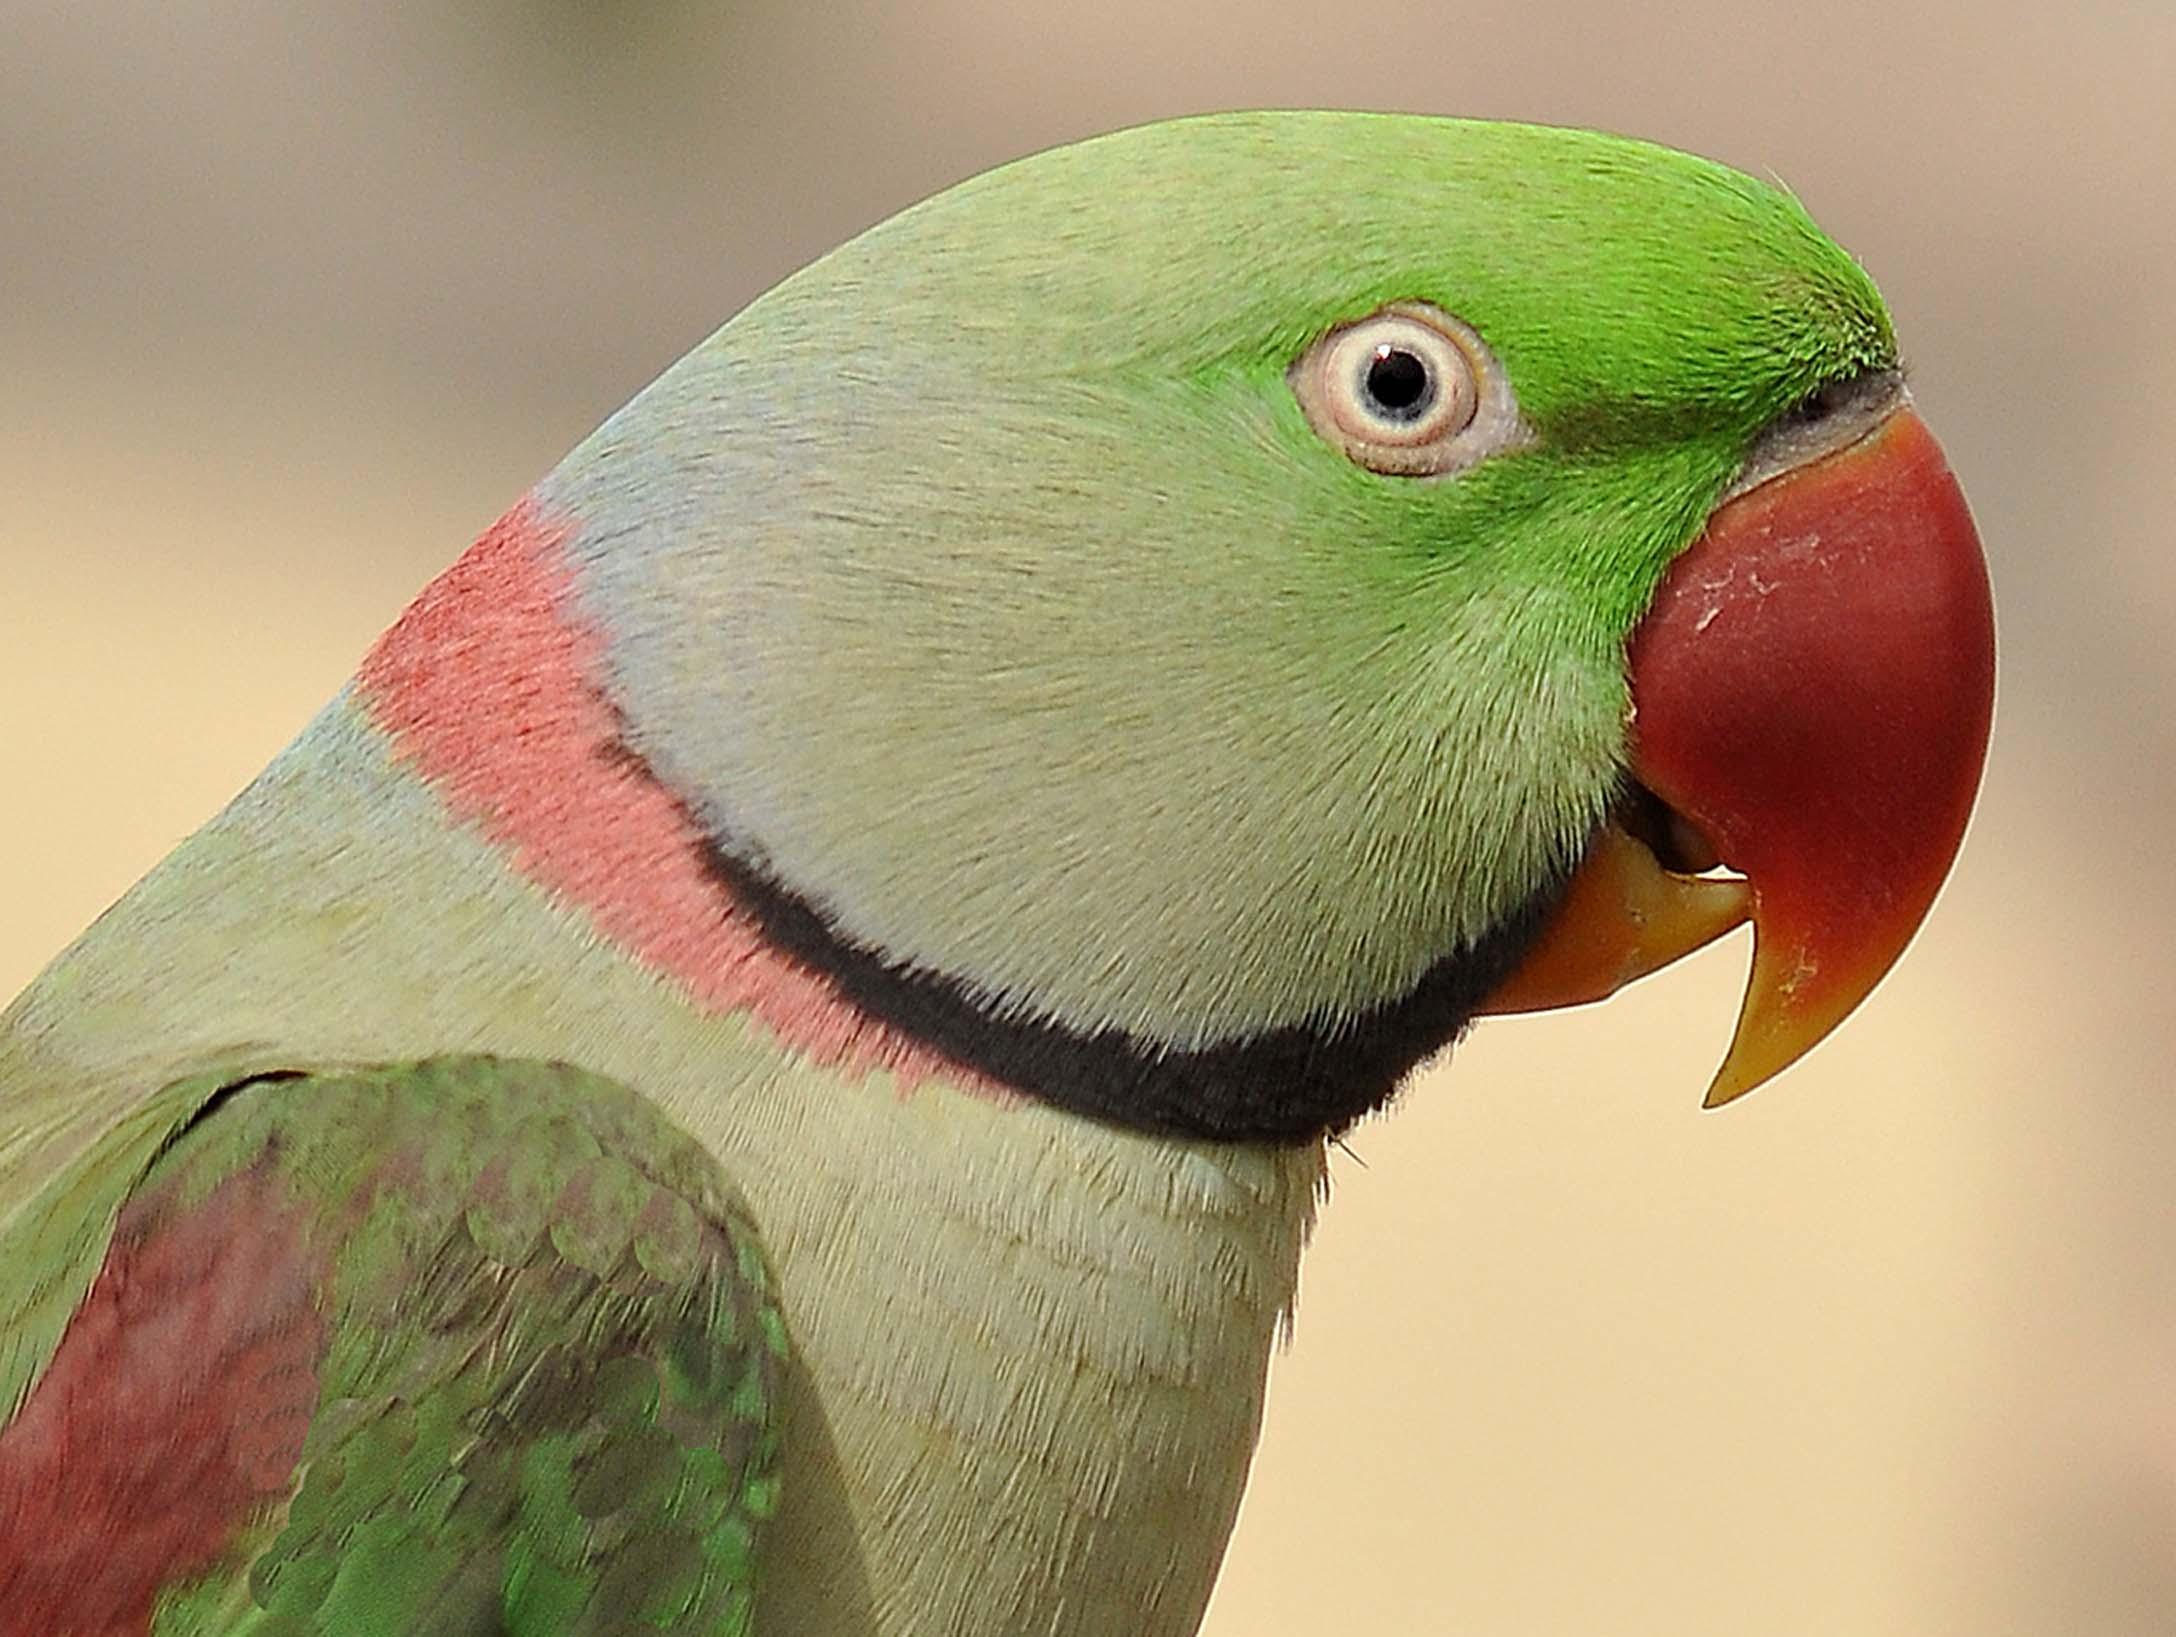 PARROT BIRD NAME